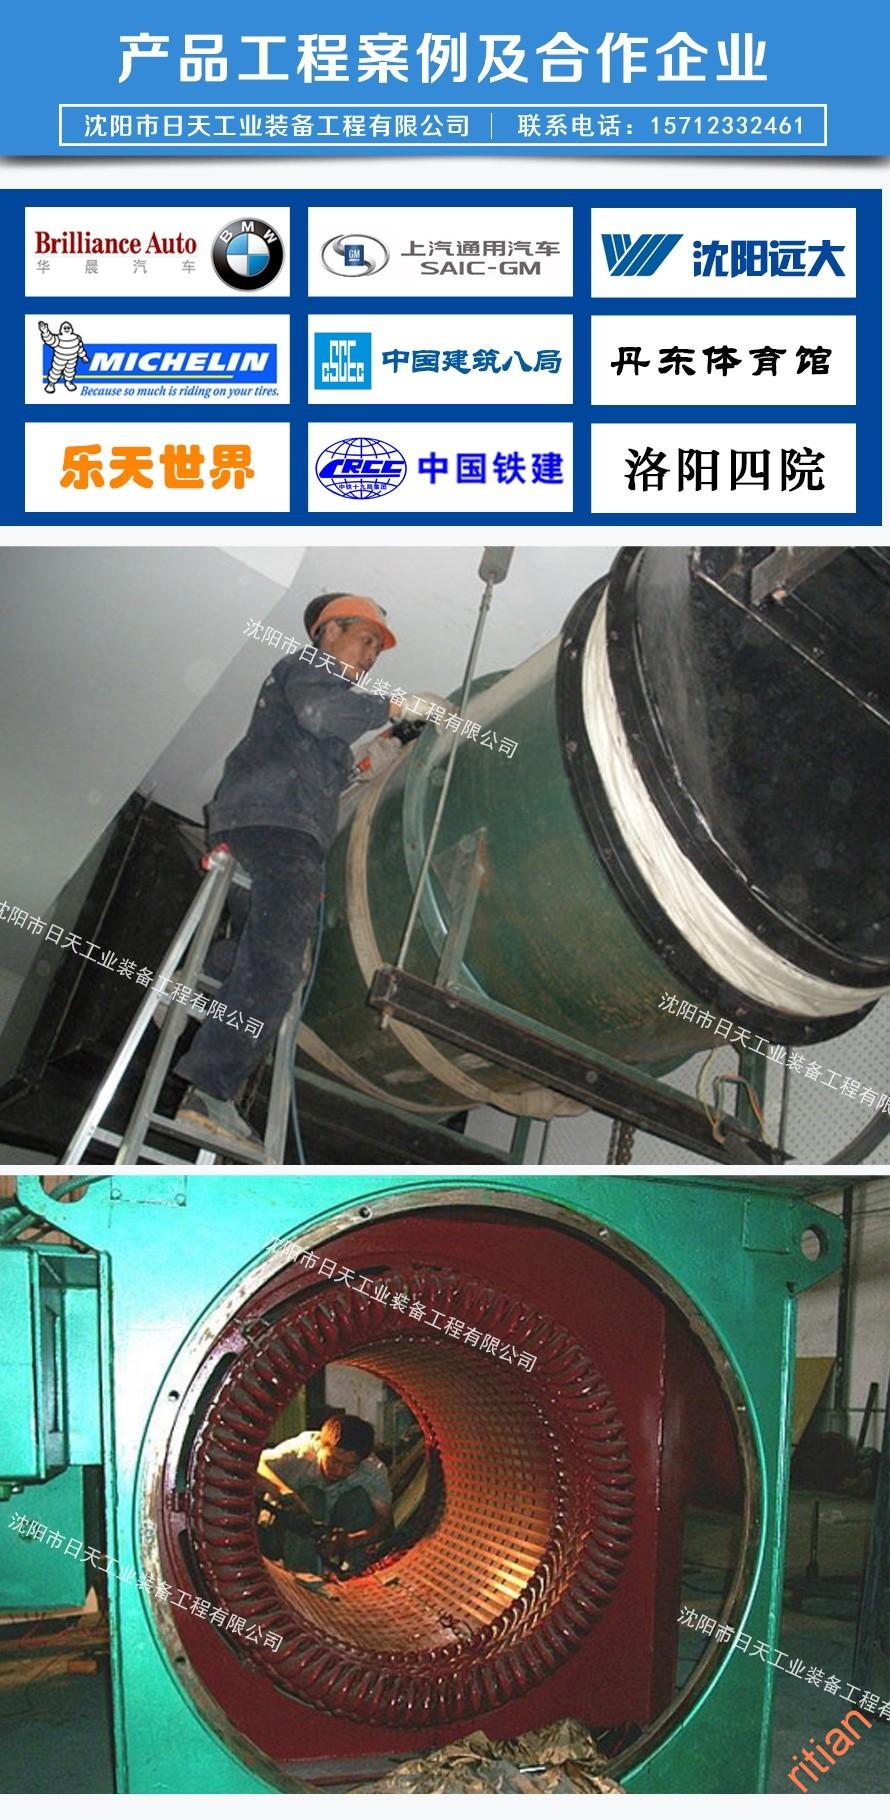 风机维修-05.jpg